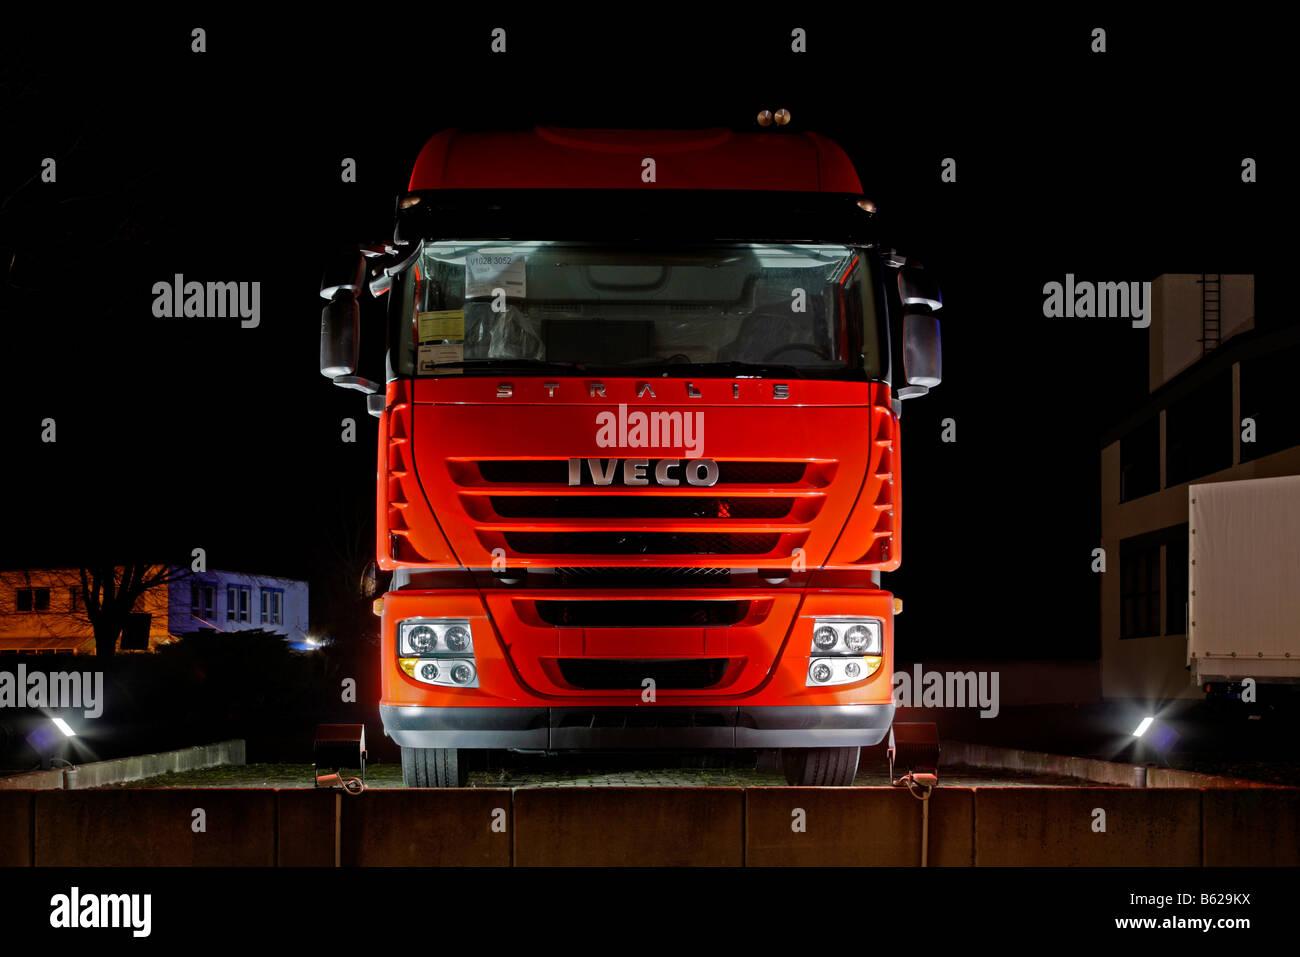 Truck, semi, trailer, new Iveco vehicle, night photograph, DRI - Stock Image